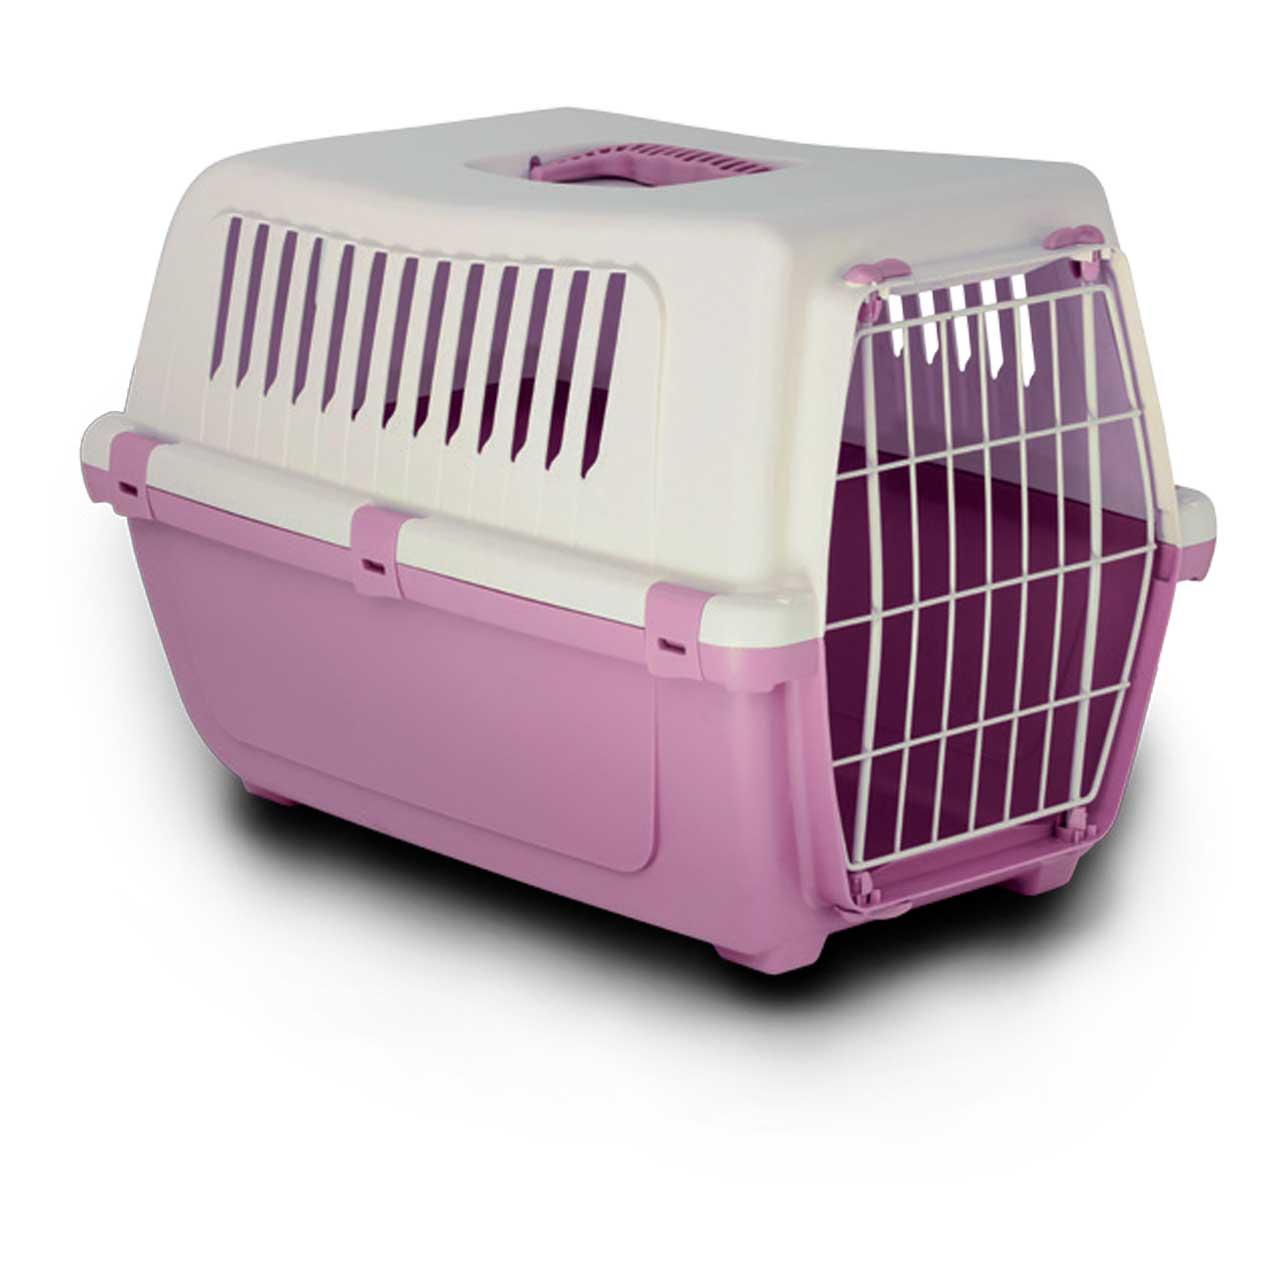 باکس حمل سگ و گربه ام پی مدل Classic سایز متوسط